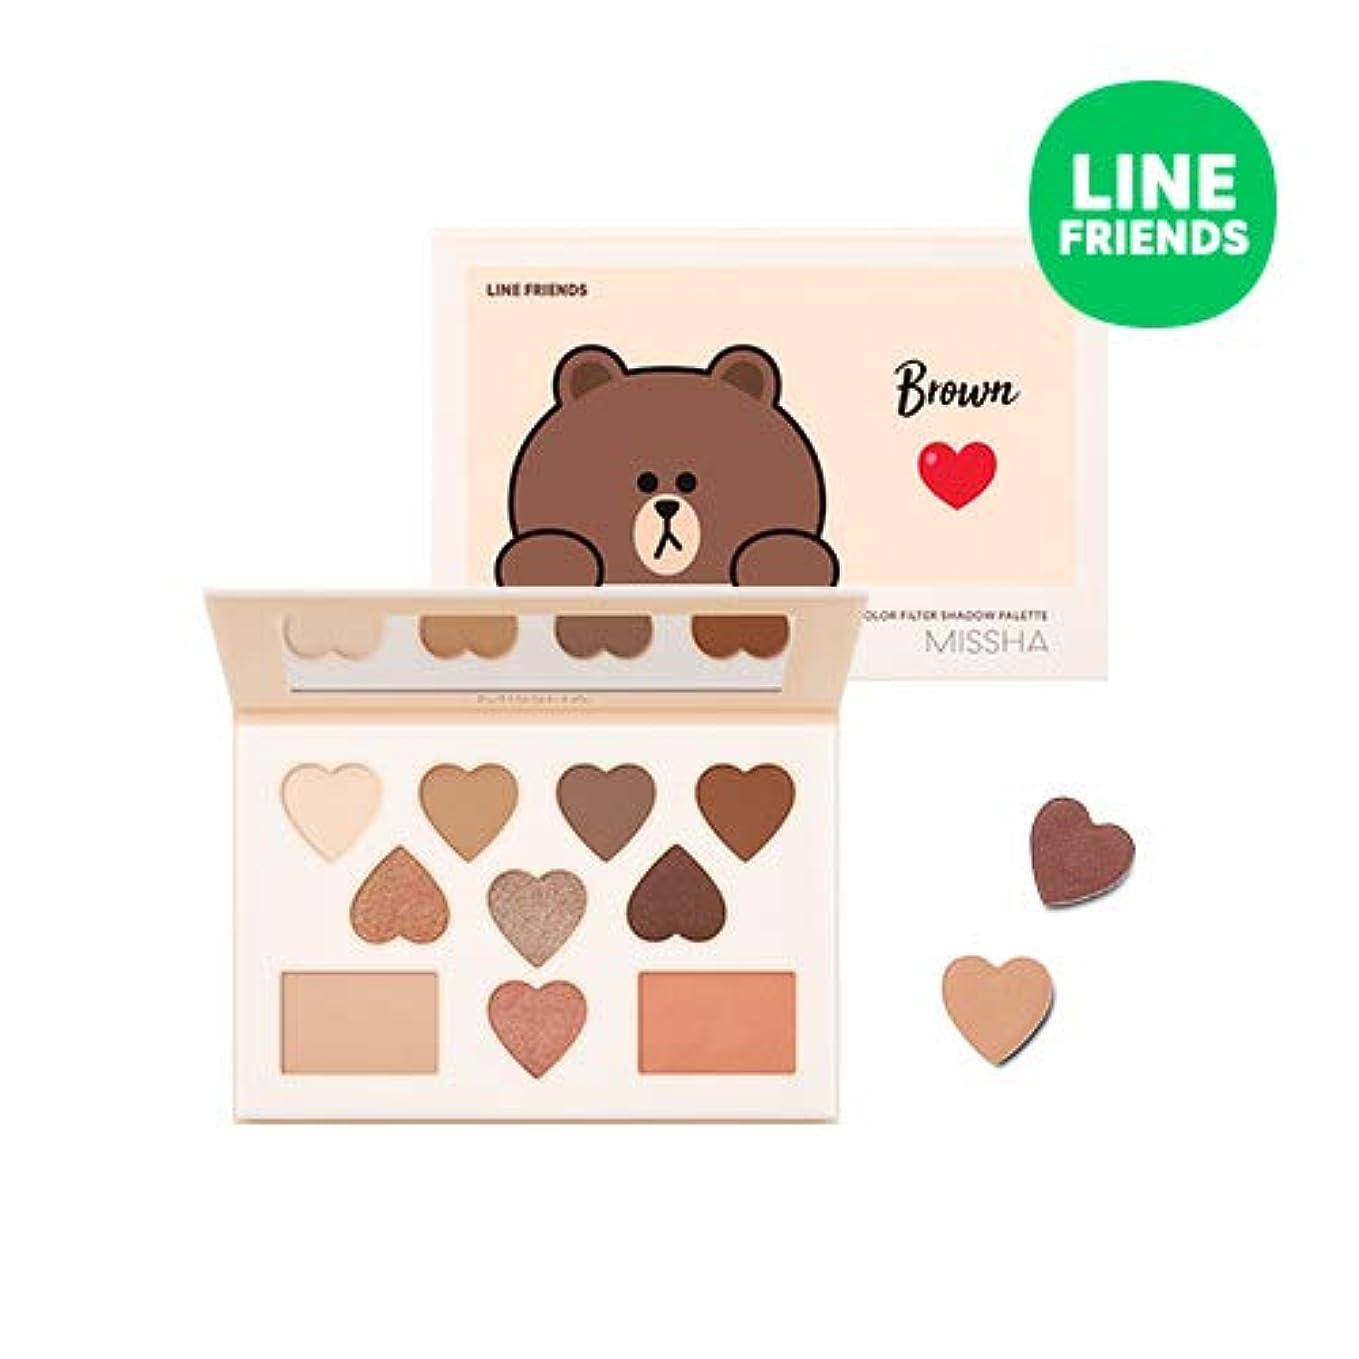 同一のオプショナル長くするミシャ[ラインフレンズエディション] カラー フィルター シャドウ パレット MISSHA [Line Friends Edition] Color Filter Shadow Palette #5. Brown [並行輸入品]